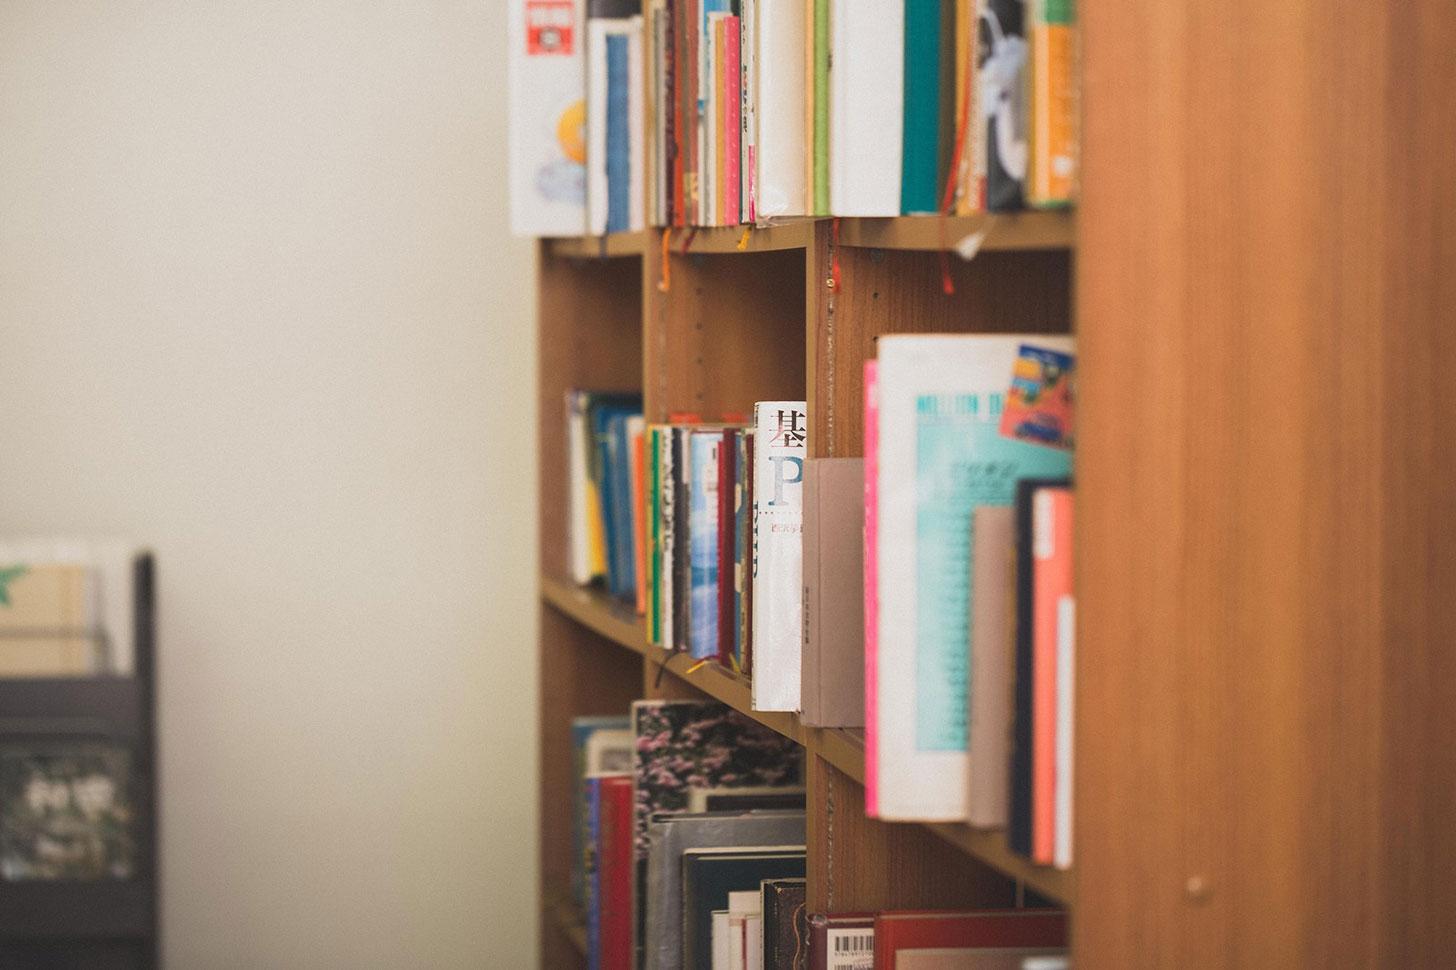 横浜市民、町田市の図書館で本が借りられるように!2020年11月1日開始予定